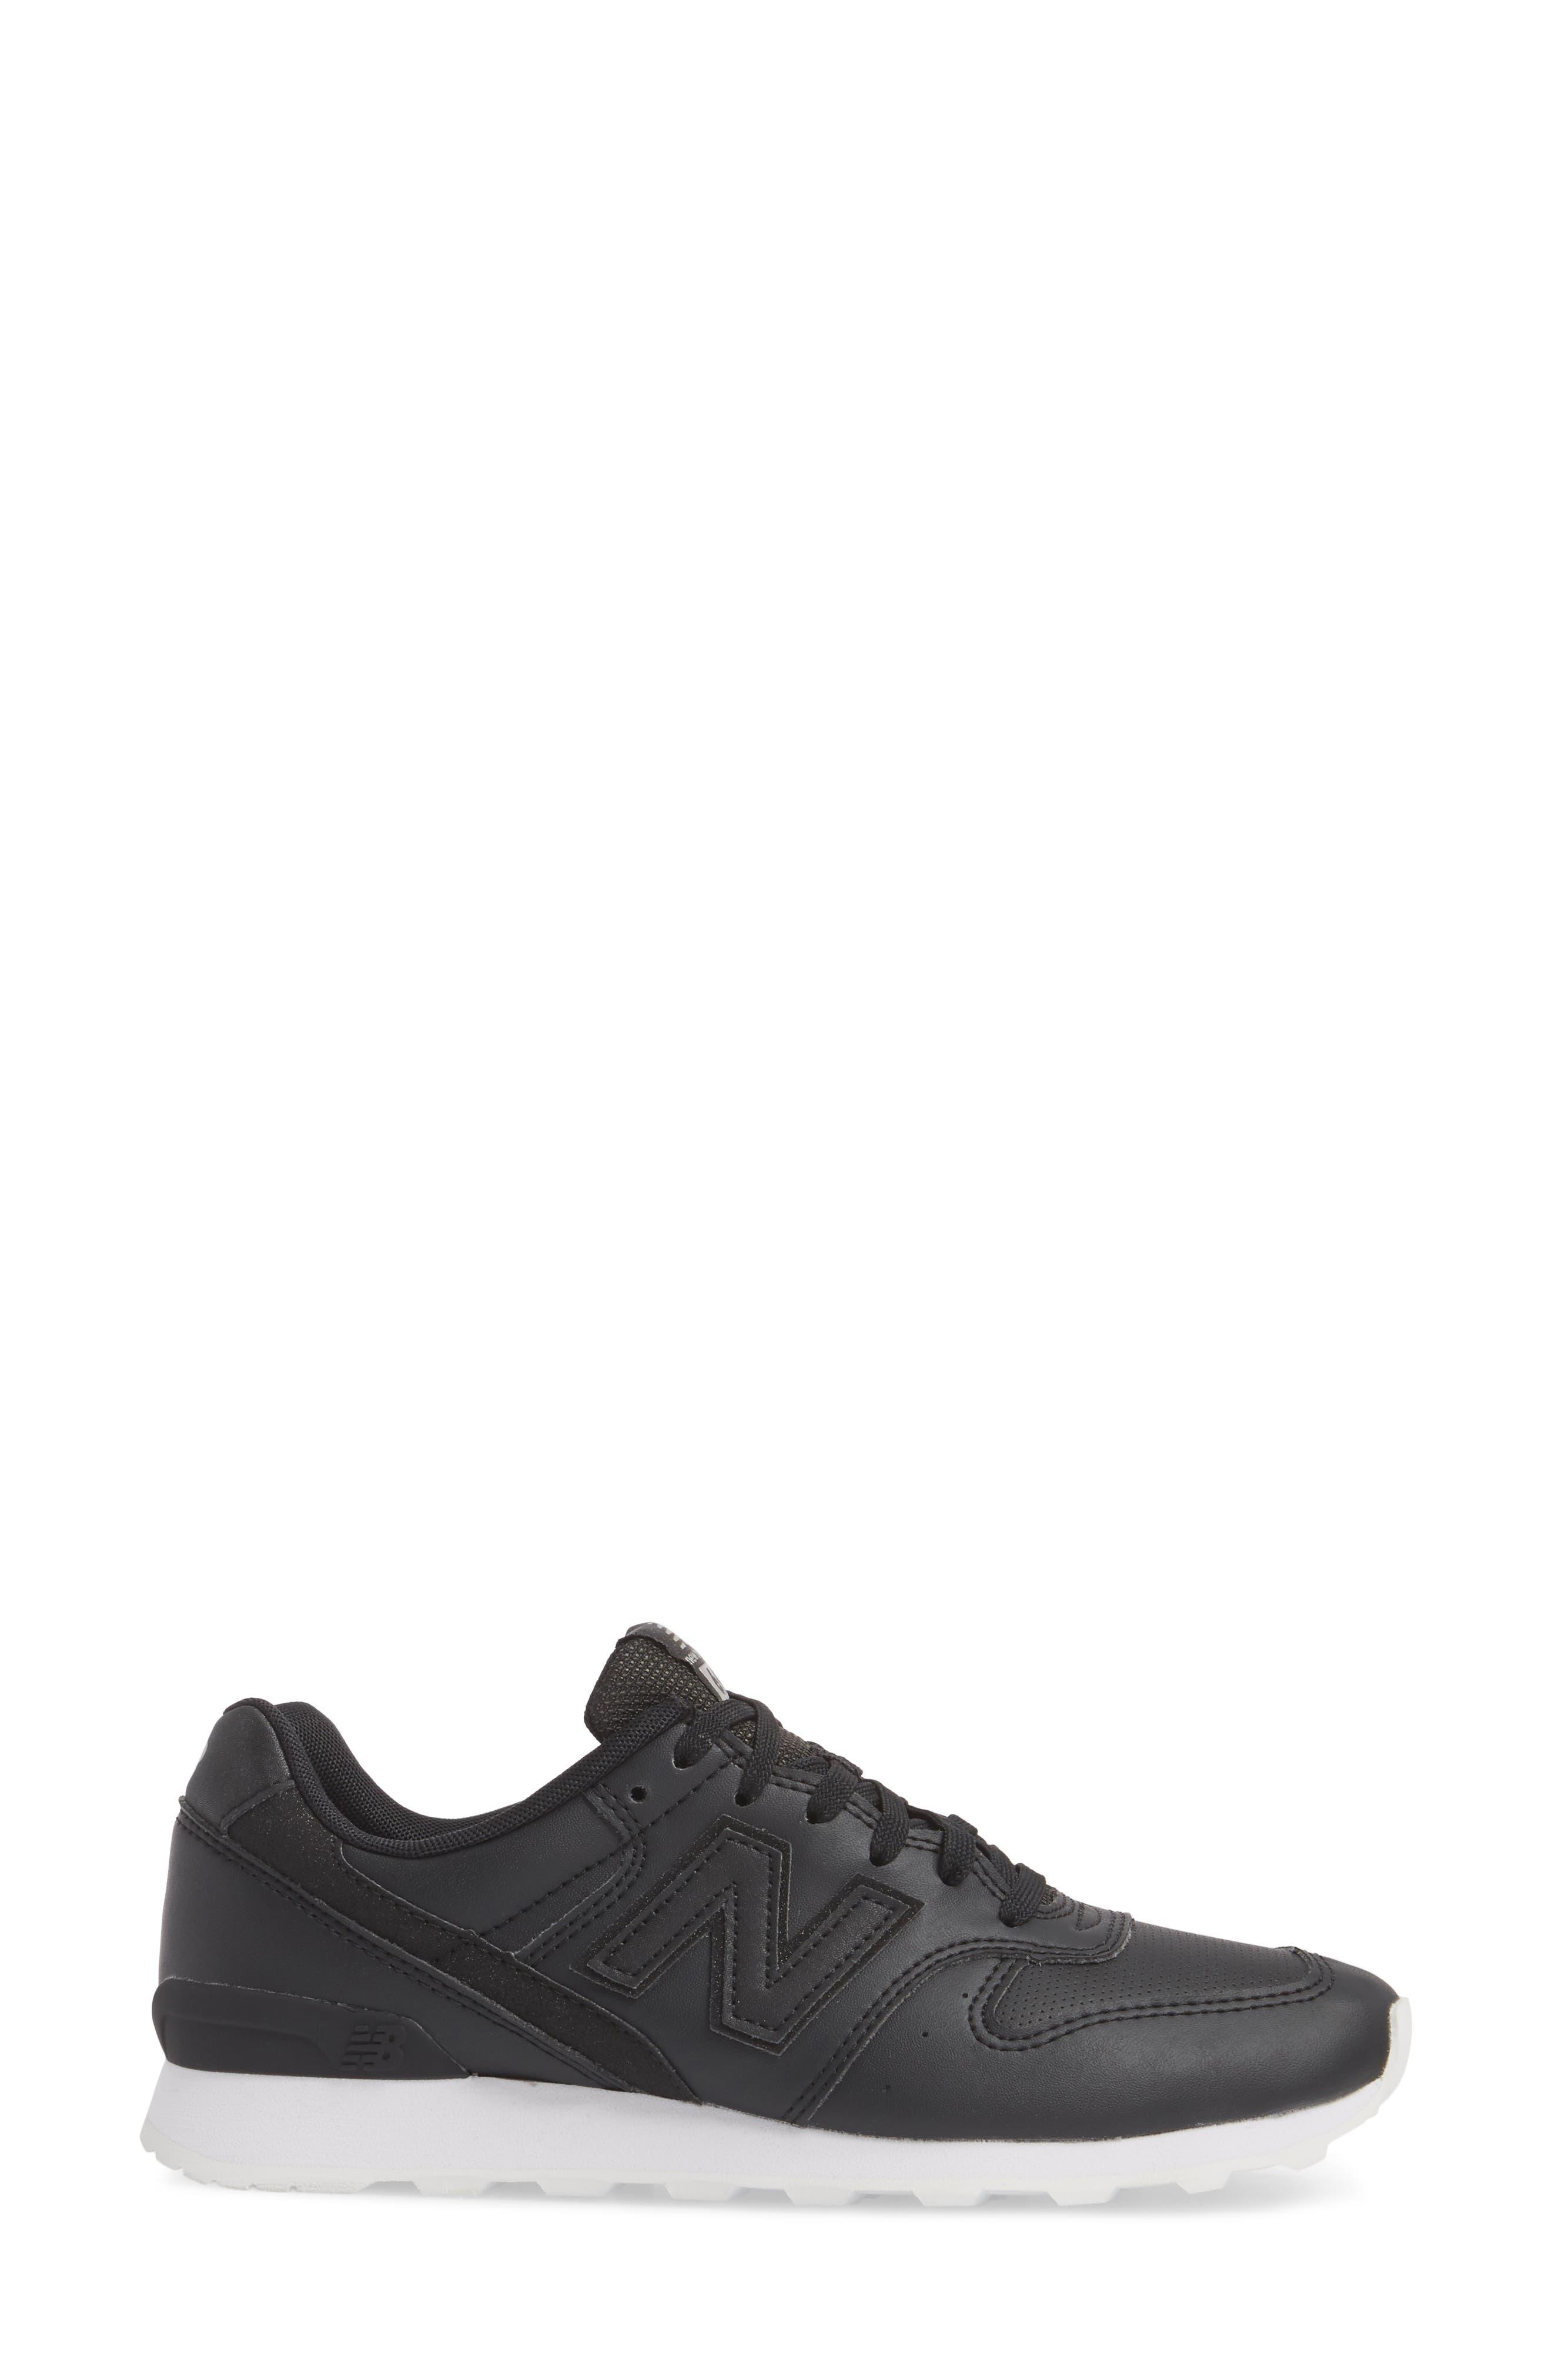 696 Sneaker,                             Alternate thumbnail 3, color,                             001